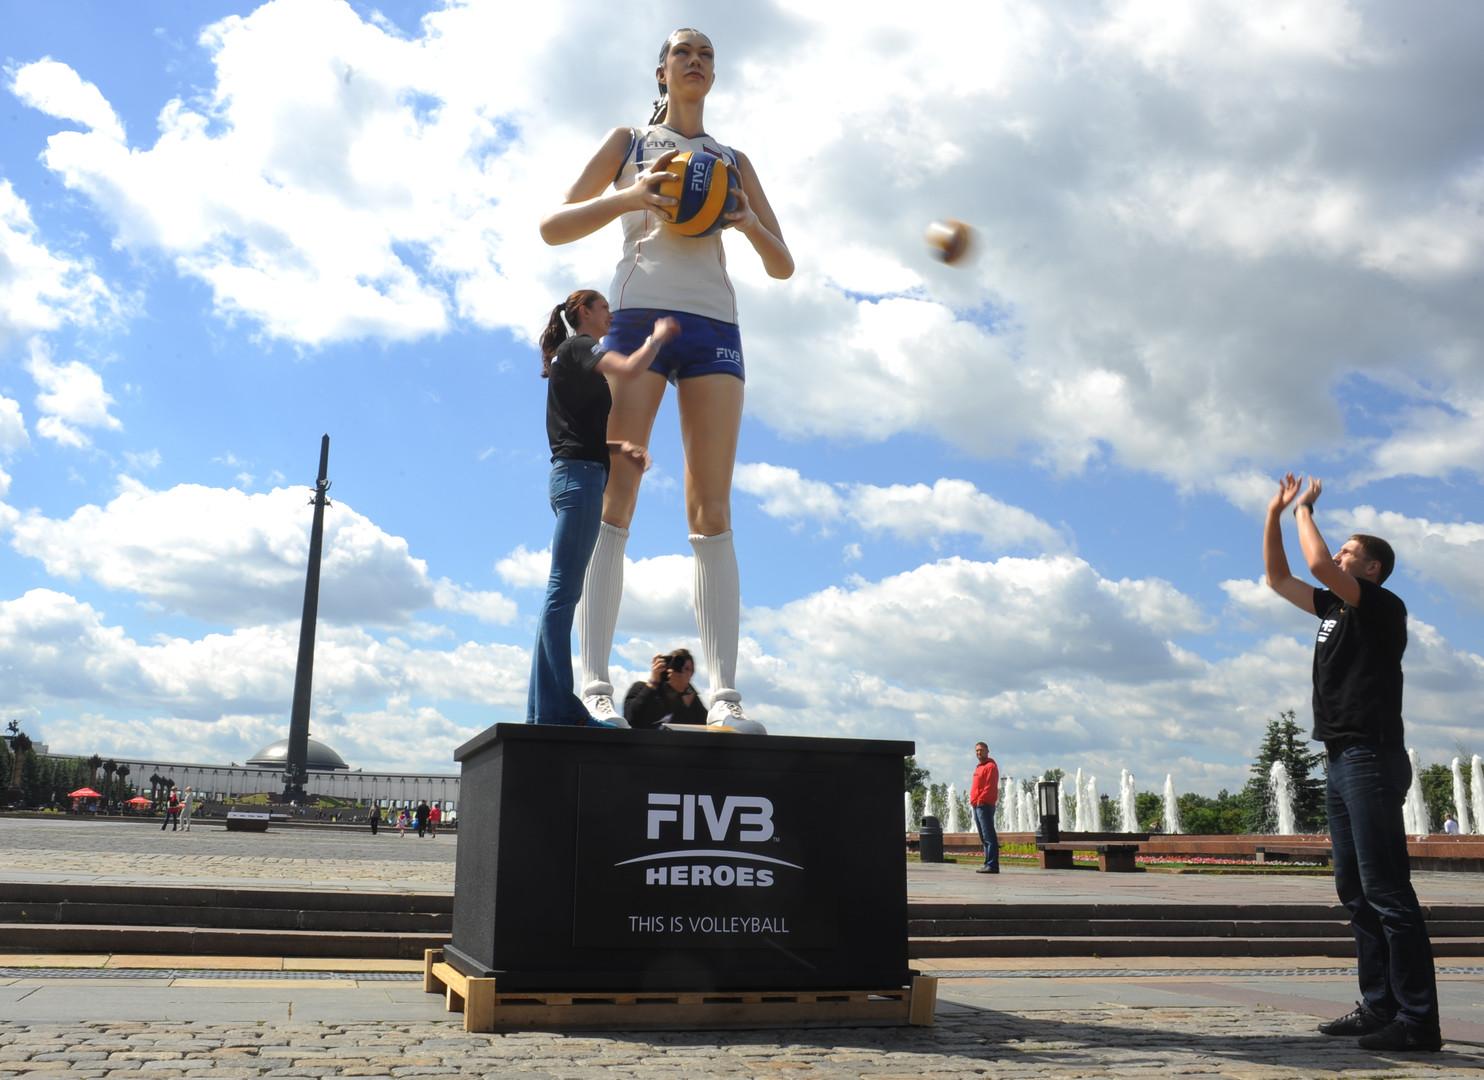 Волейболисты Екатерина Гамова и Максим Михайлов играют в мяч на церемонии открытия статуи Екатерины Гамовой на Поклонной горе в Москве.